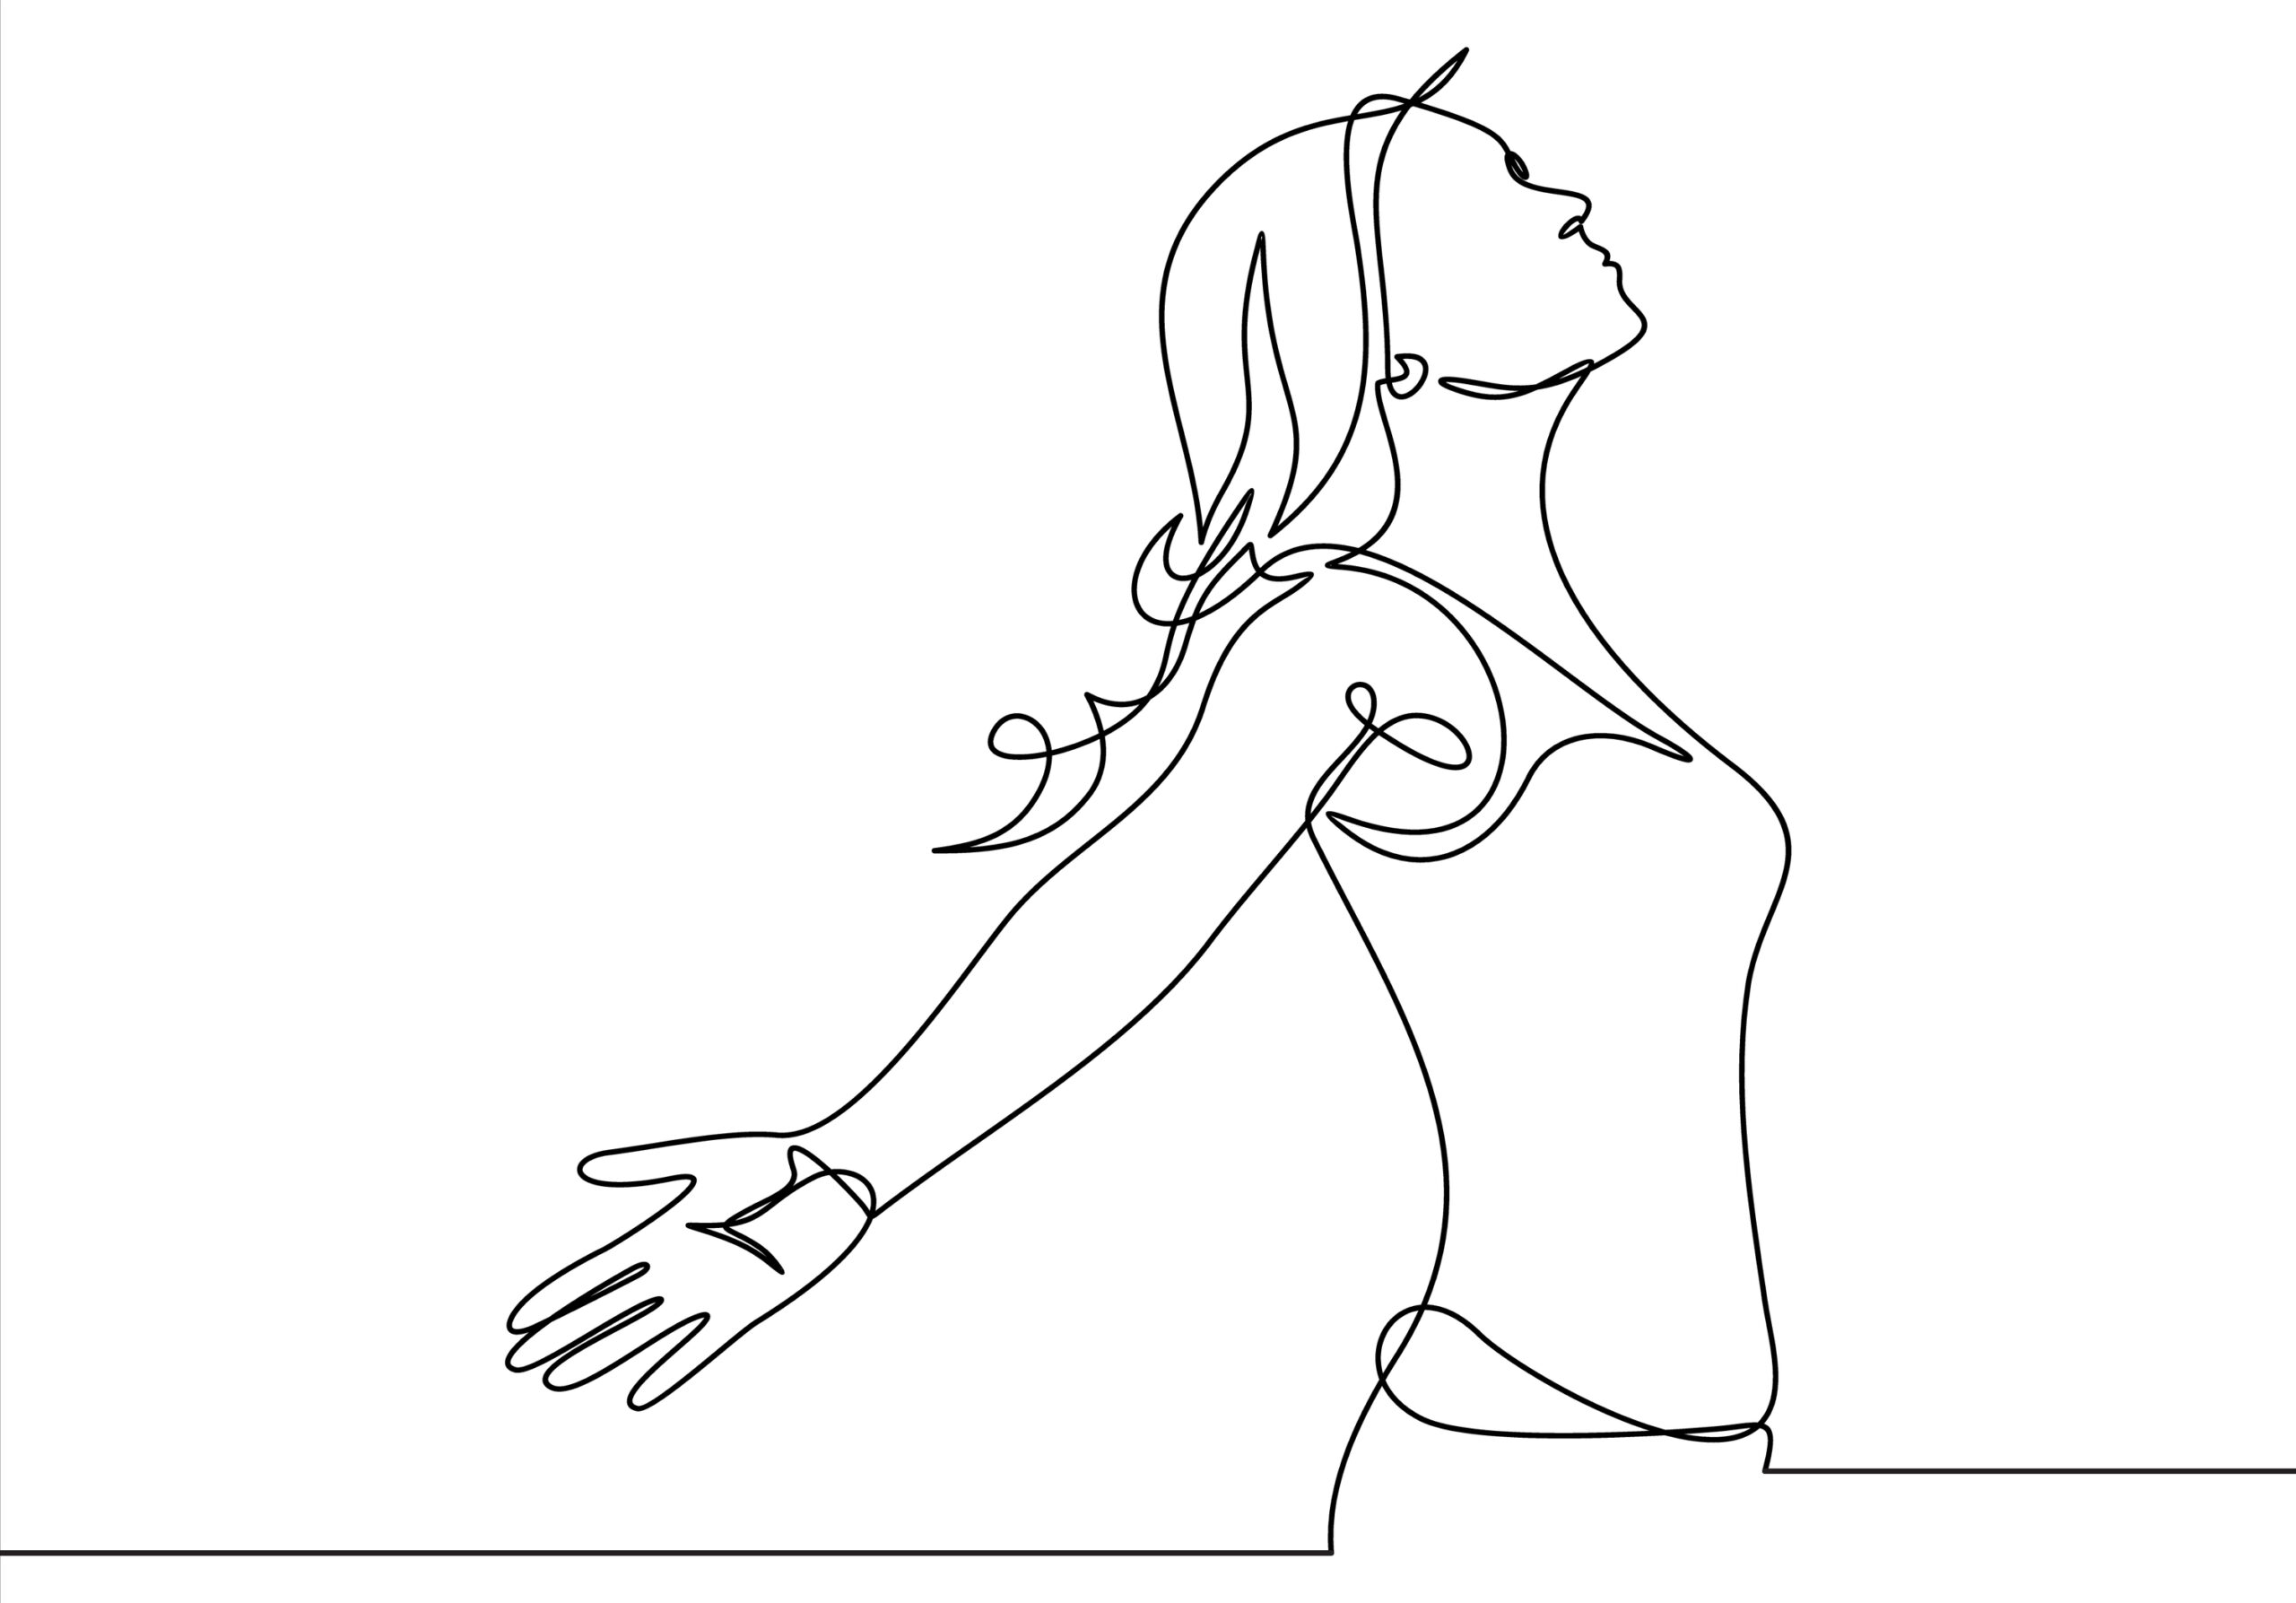 03|簡単なストレッチでストレスを軽減